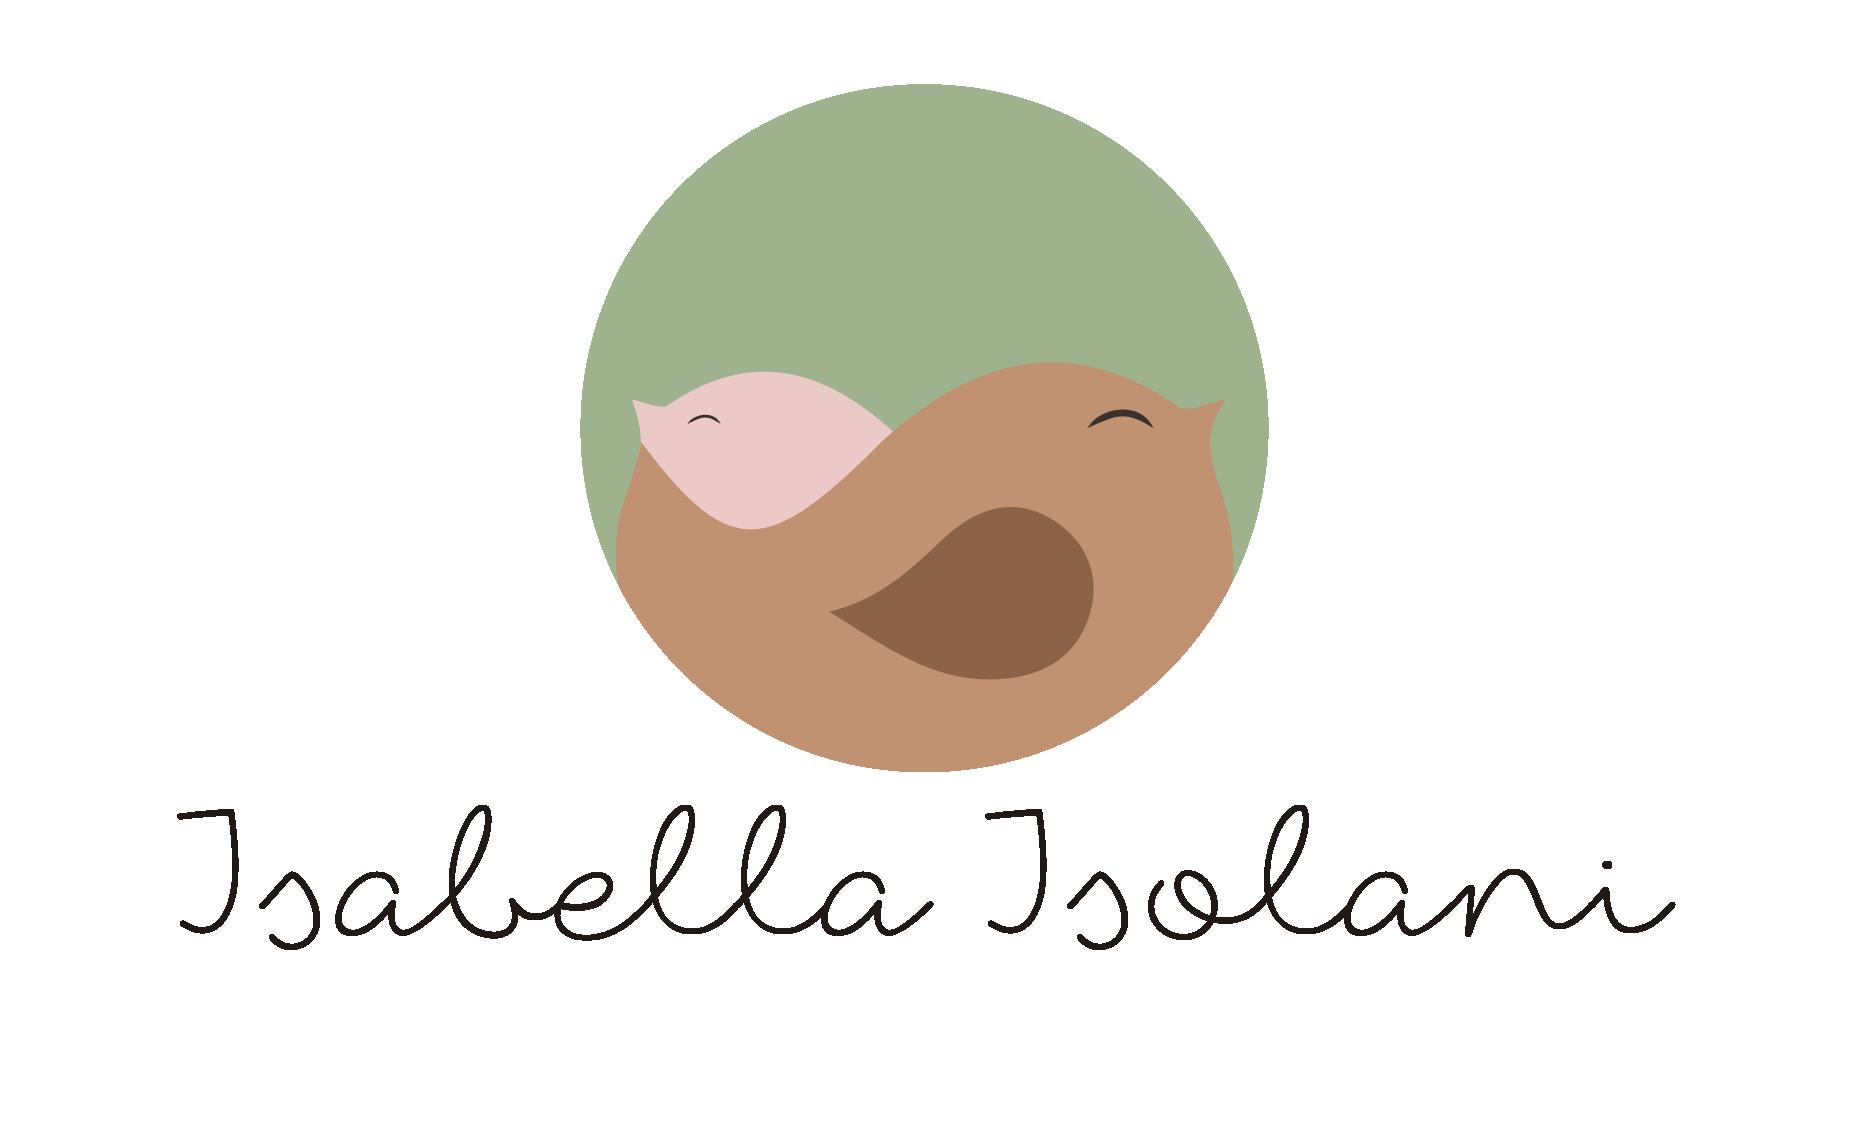 Isabella Isolani